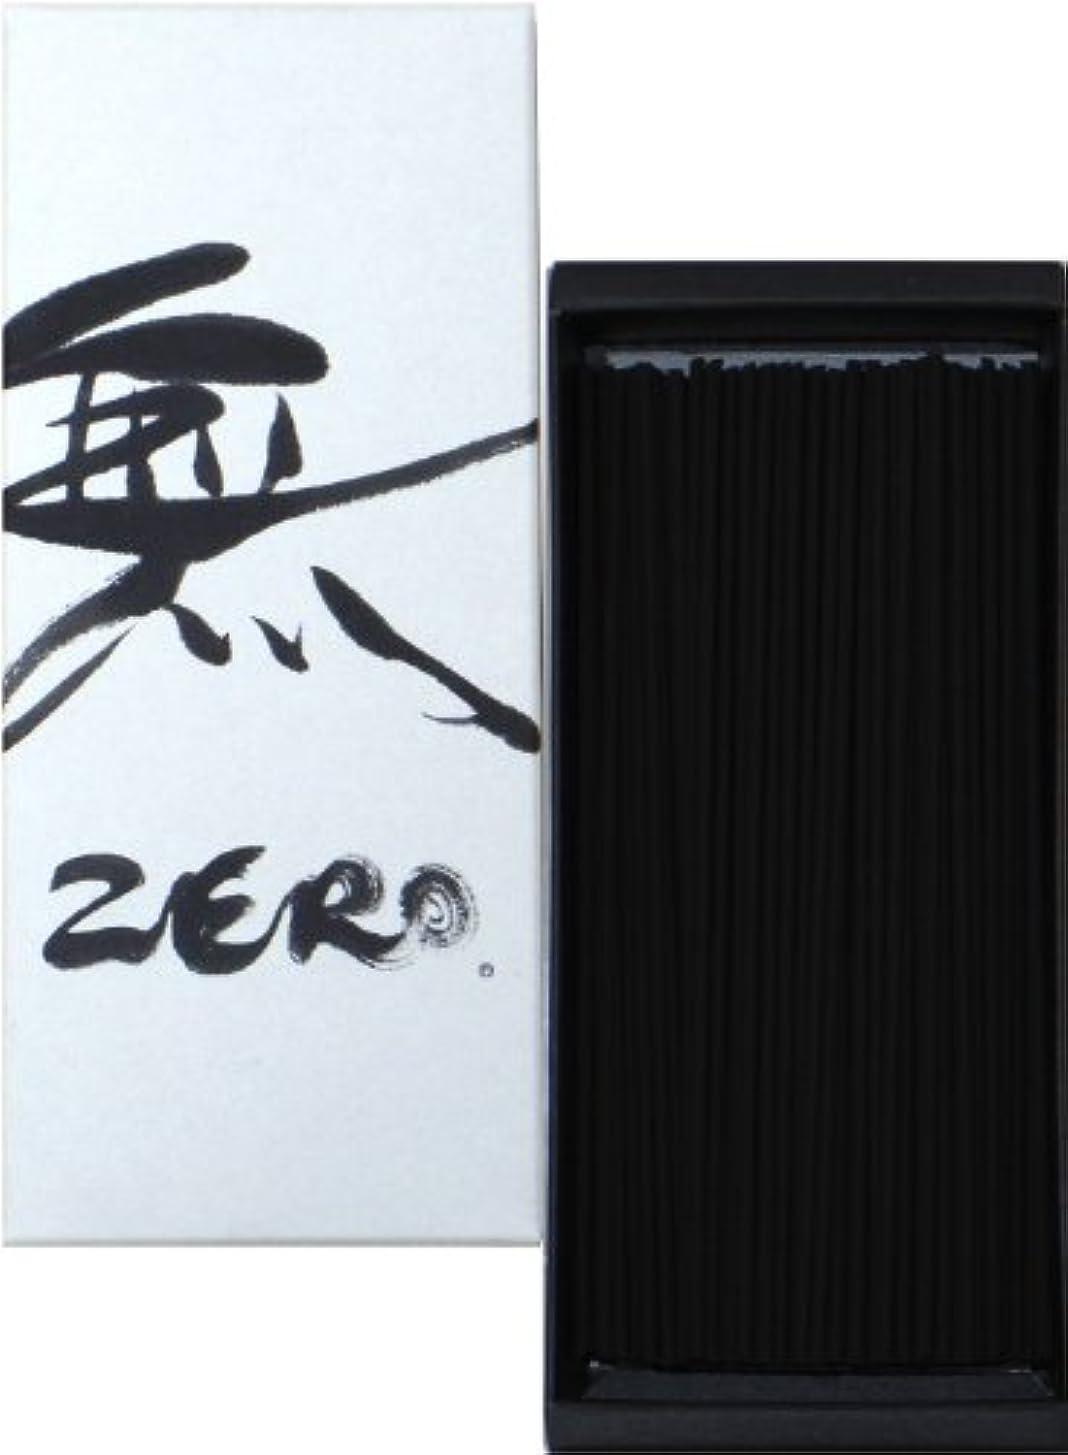 丸叶むらたのお線香 無 ZERO(ゼロ)中バラ 約80g #ZR-02